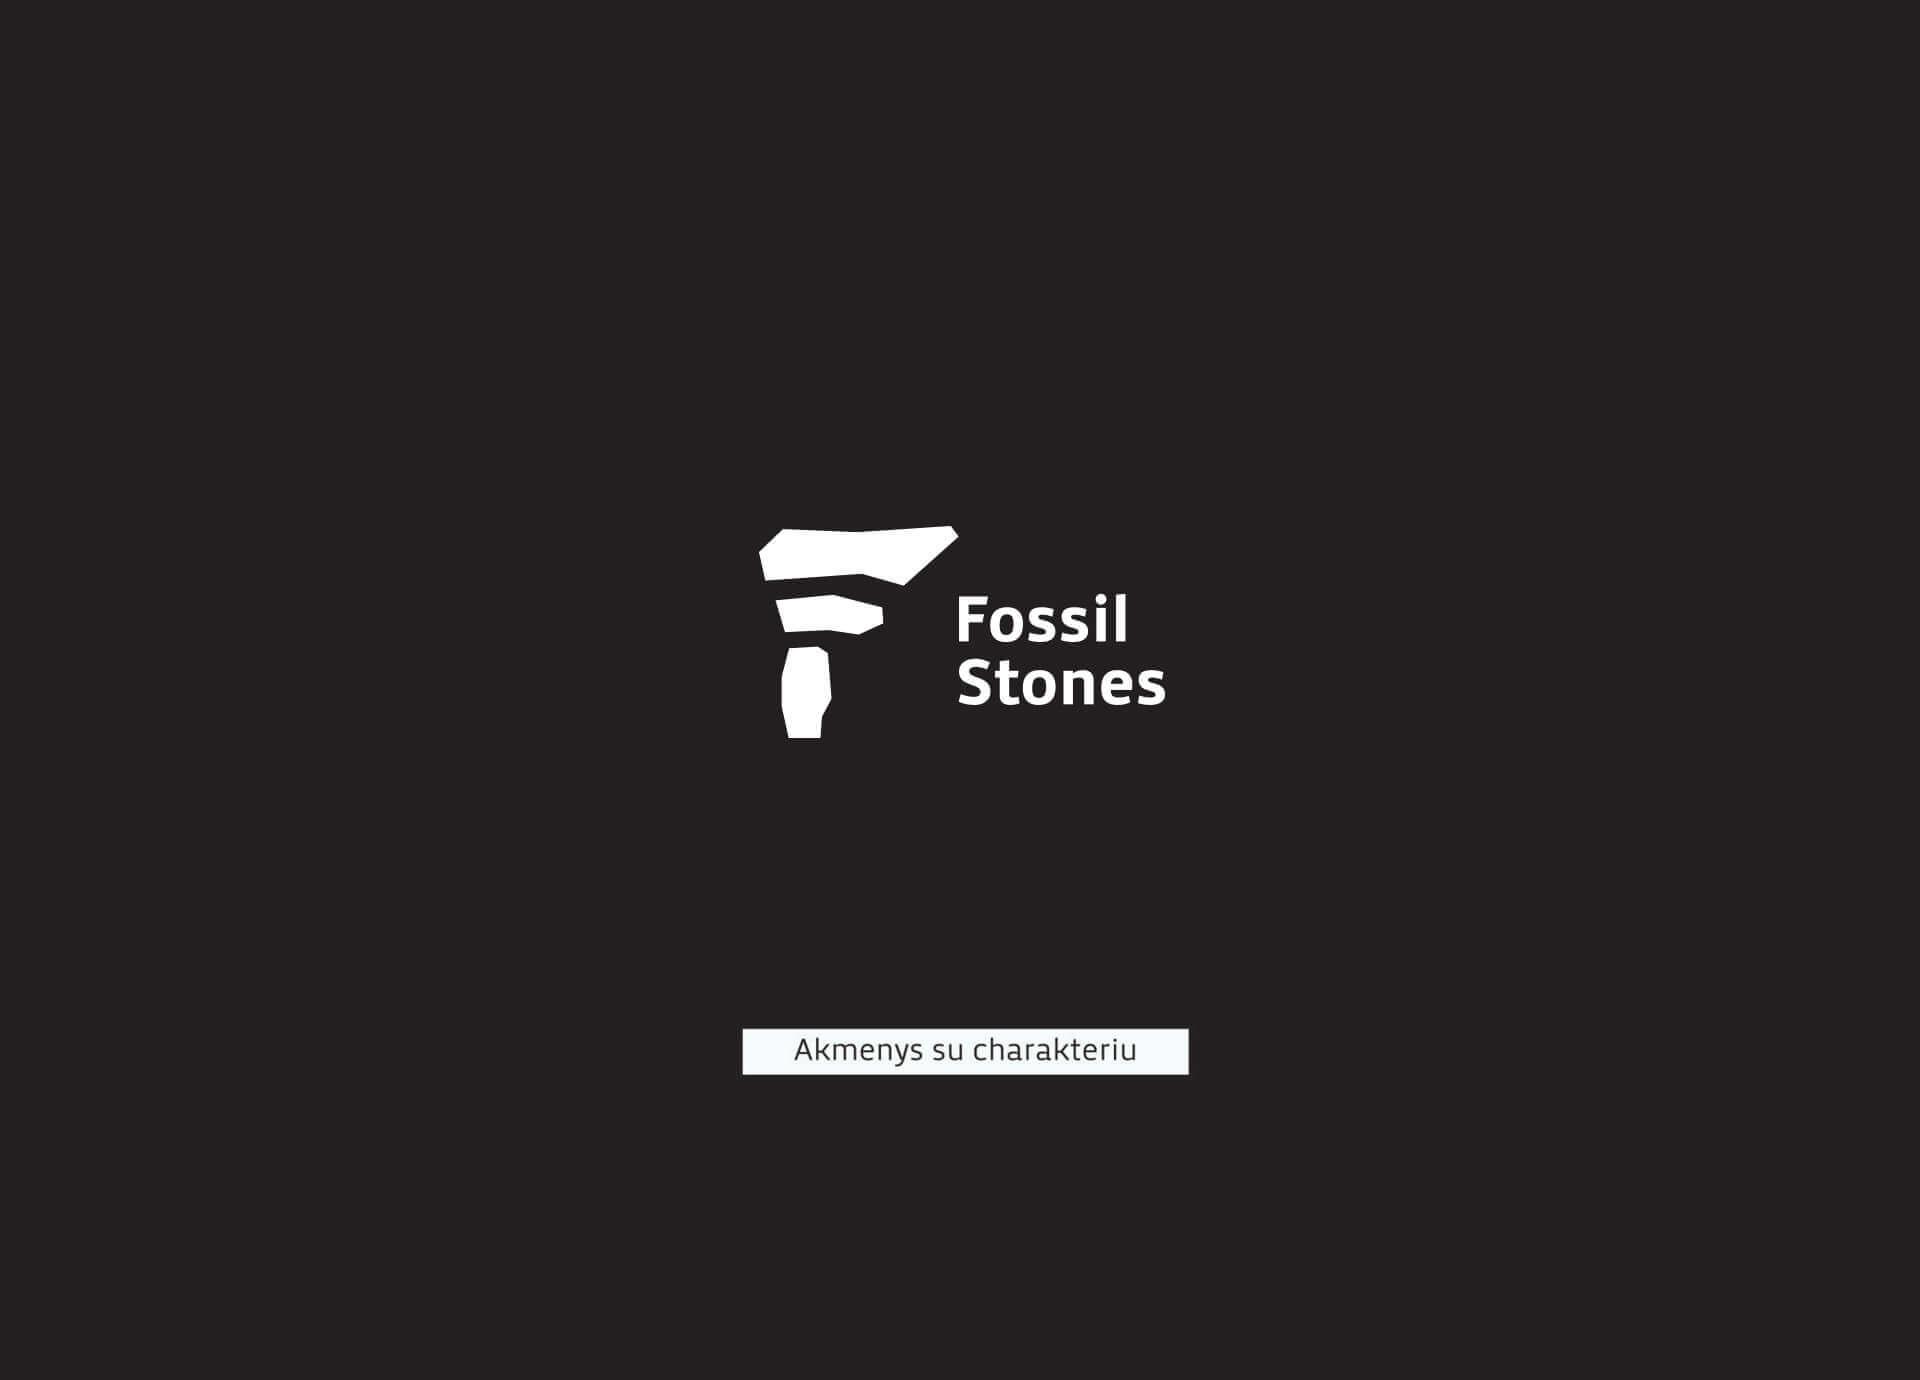 6_Fossil_logo_1920x1380-px